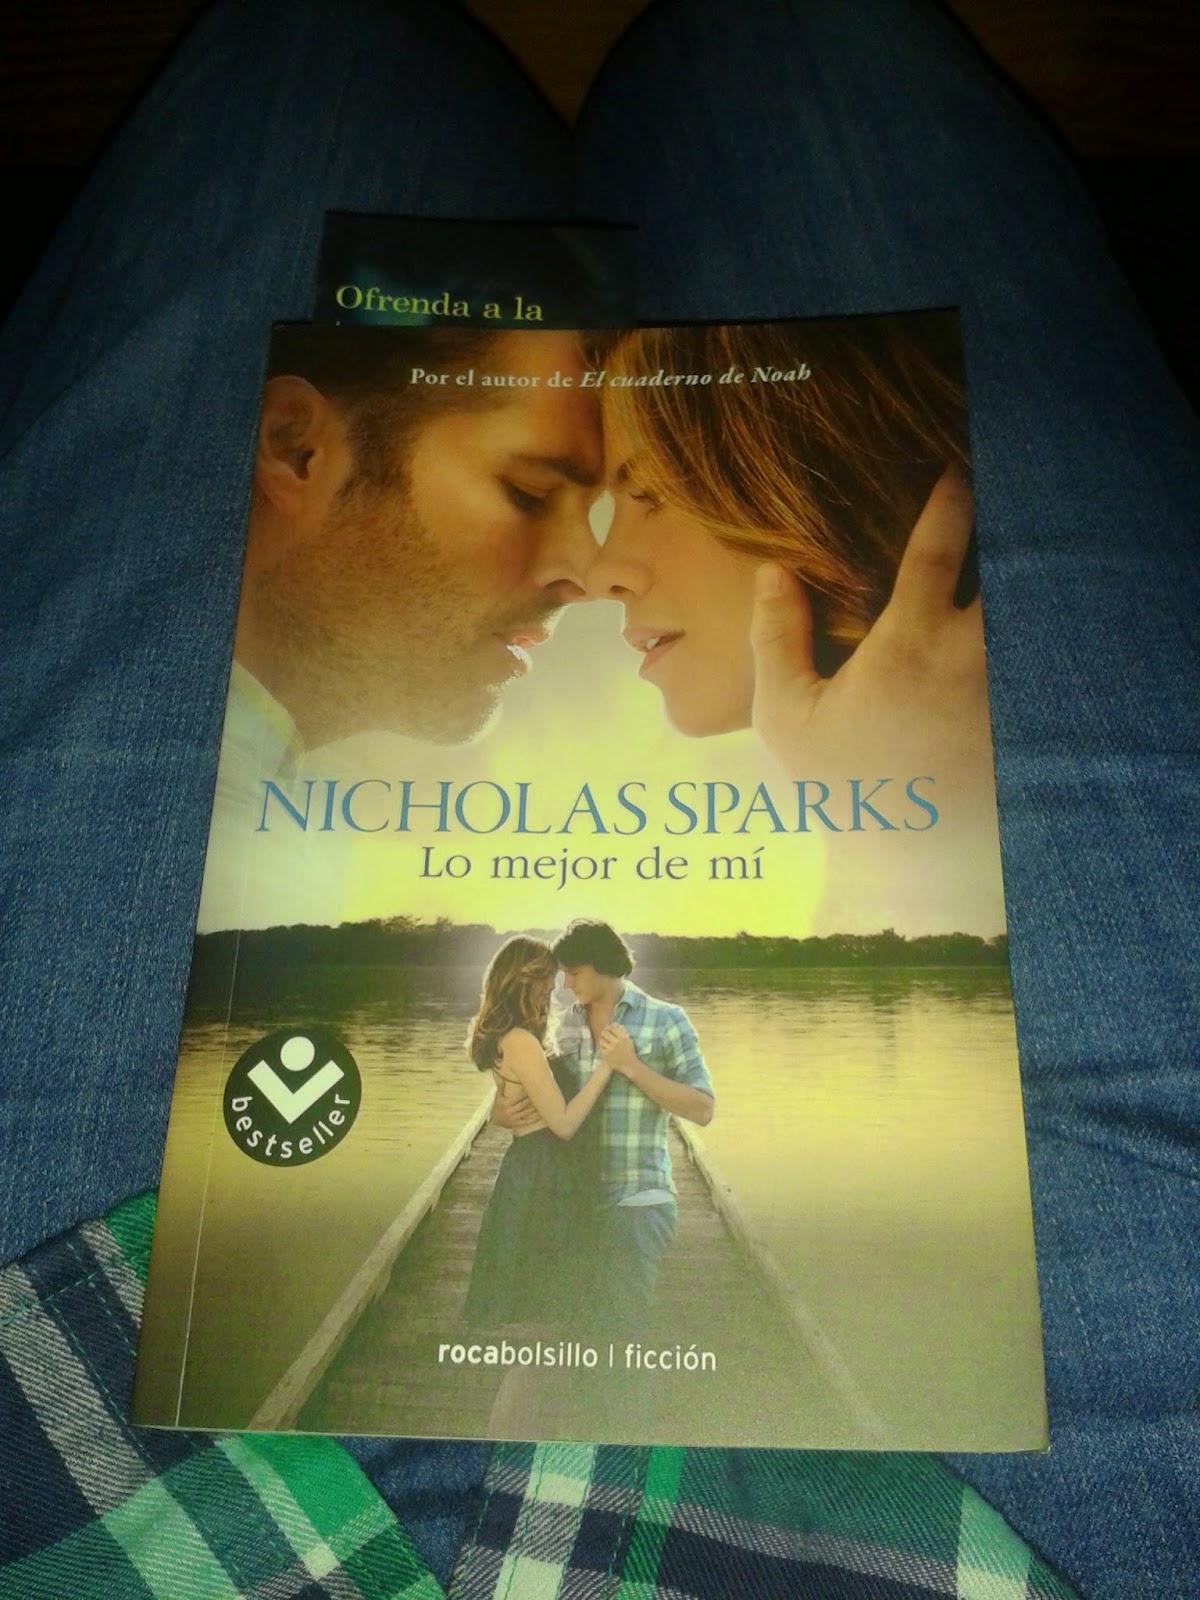 http://corazones-de-libros.blogspot.com.es/2015/01/resena-de-lo-mejor-de-mi-nicholas-sparks.html